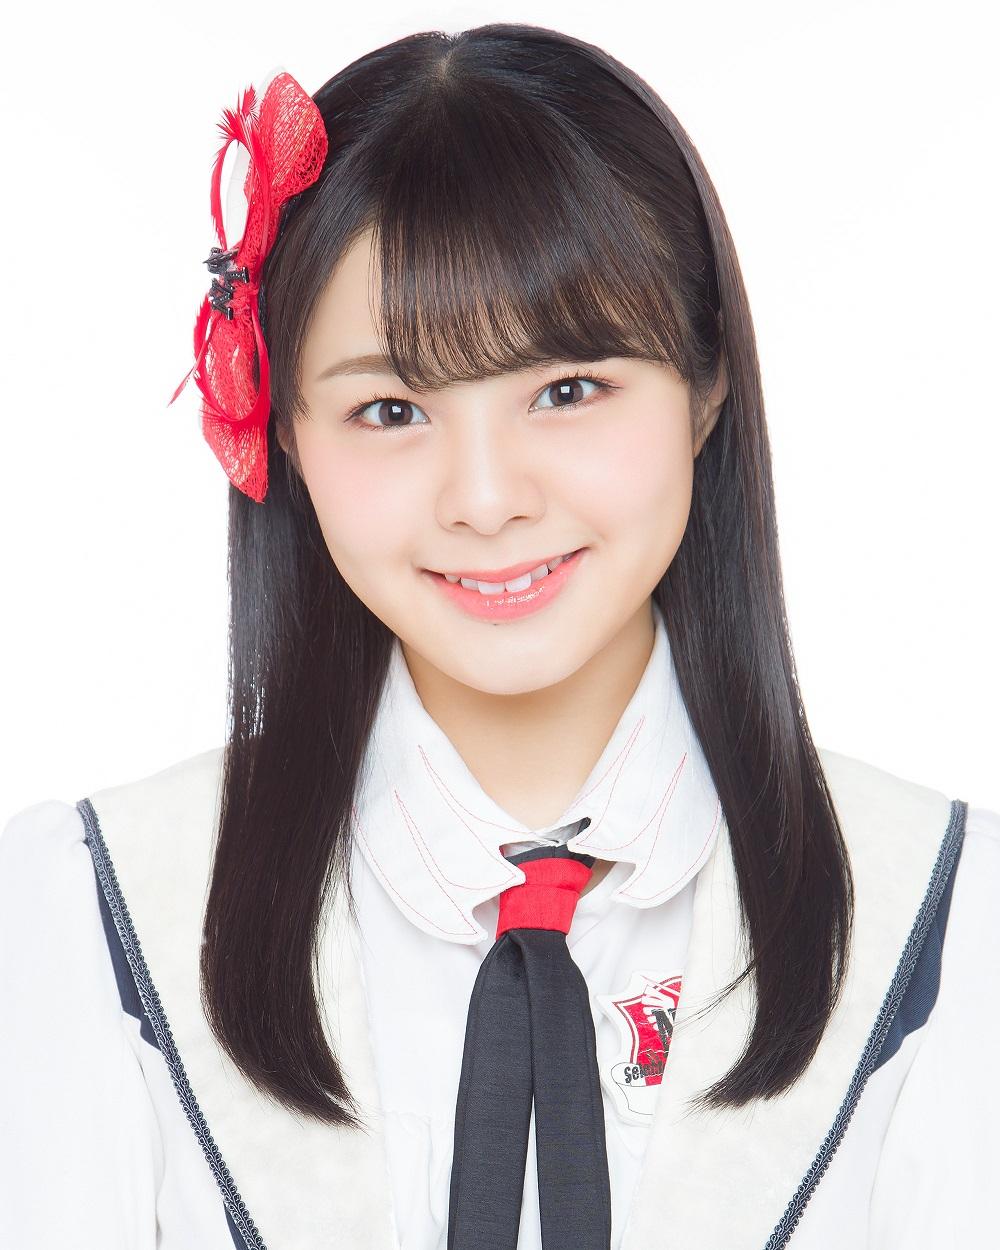 AKB48新シングル『サステナブル』に選抜入りしたNGT48本間日陽(C)AKS